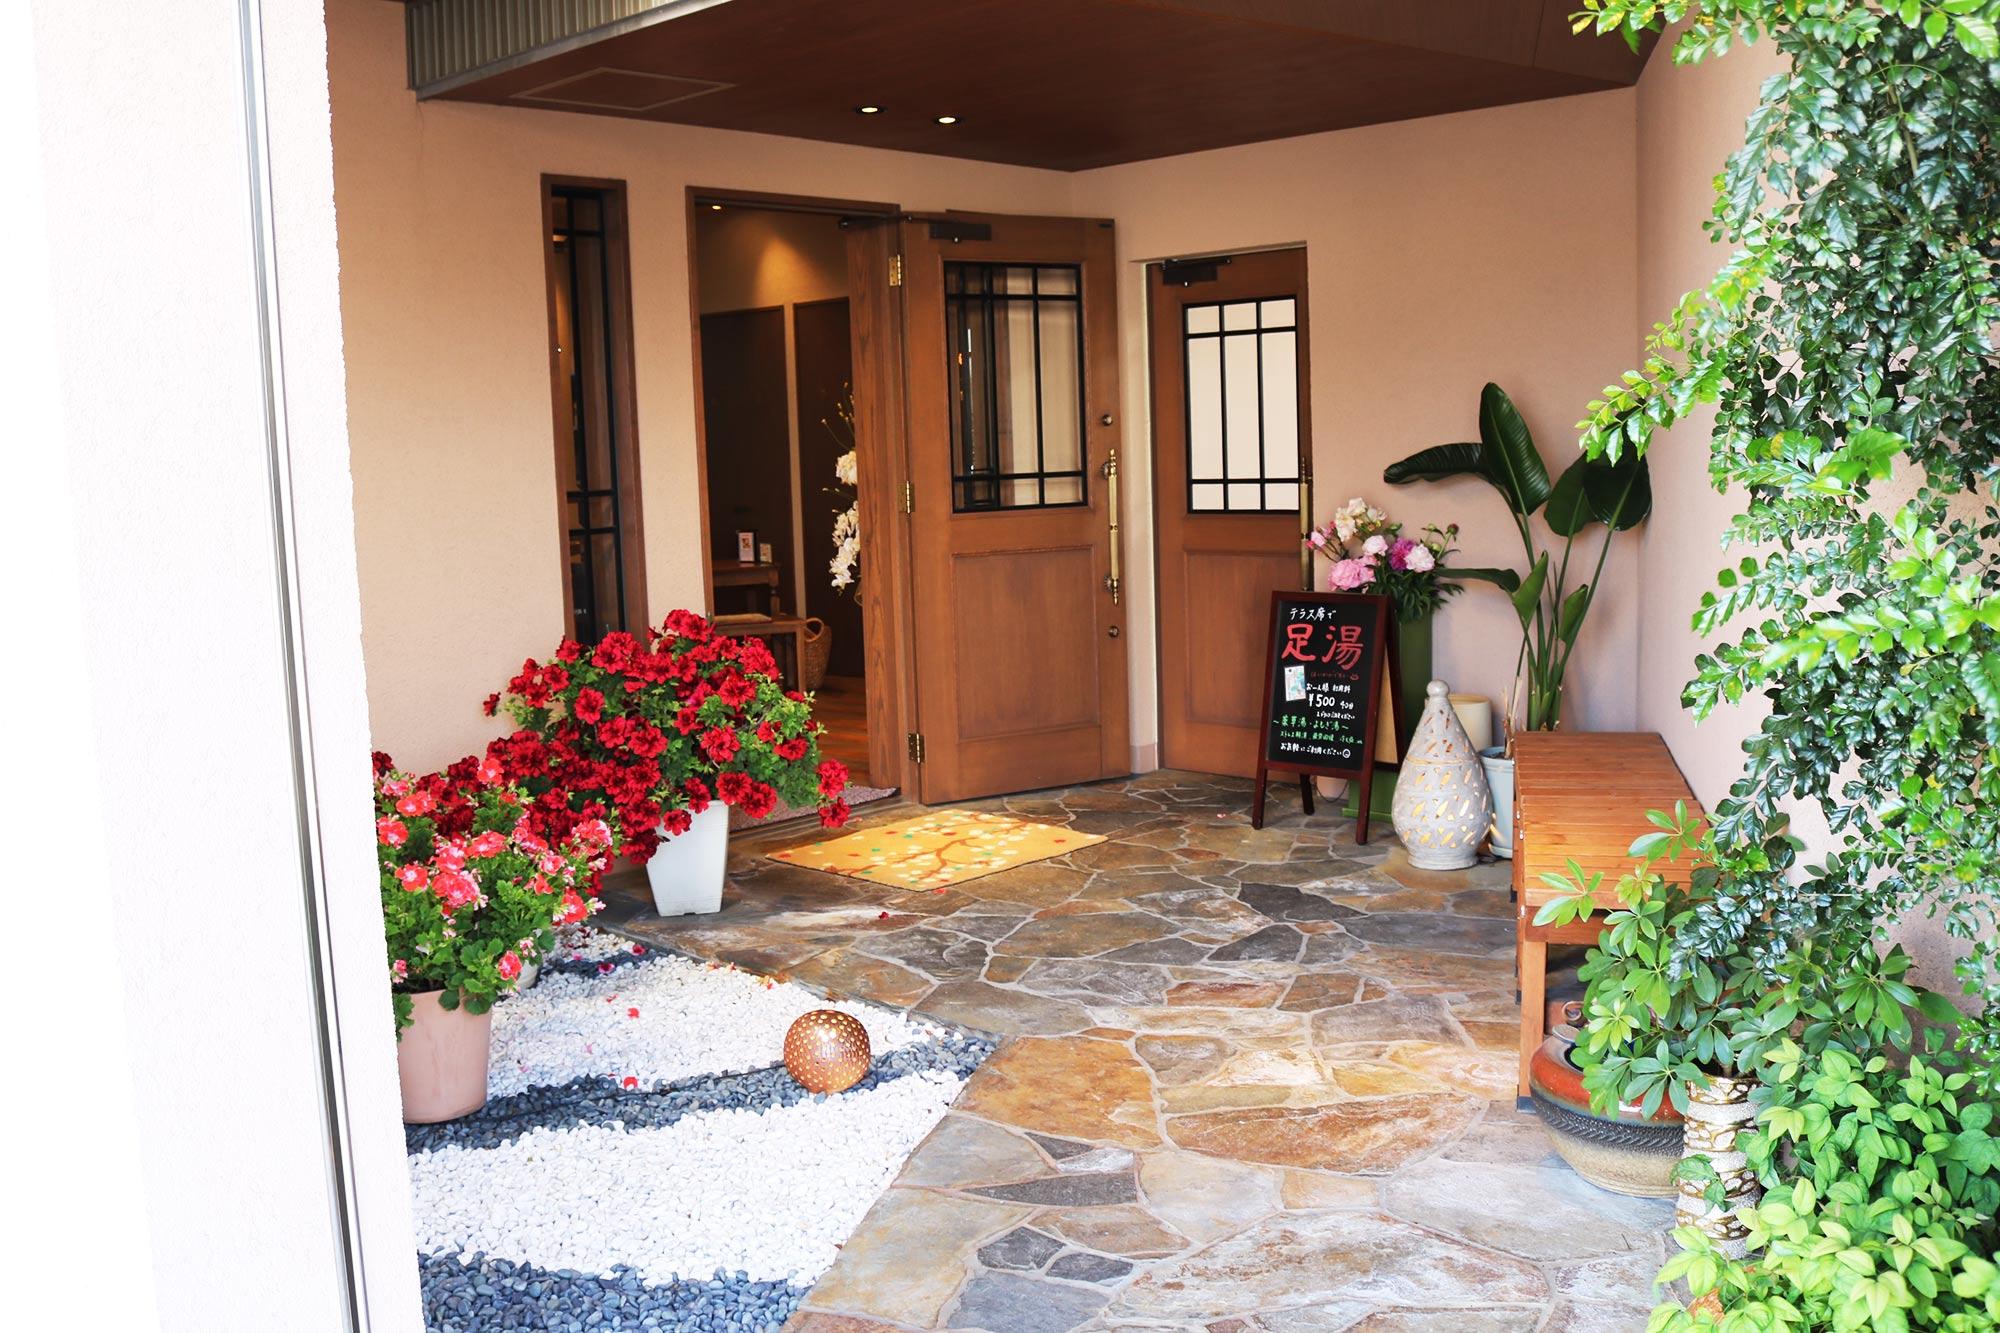 Entrance of the restaurantの写真